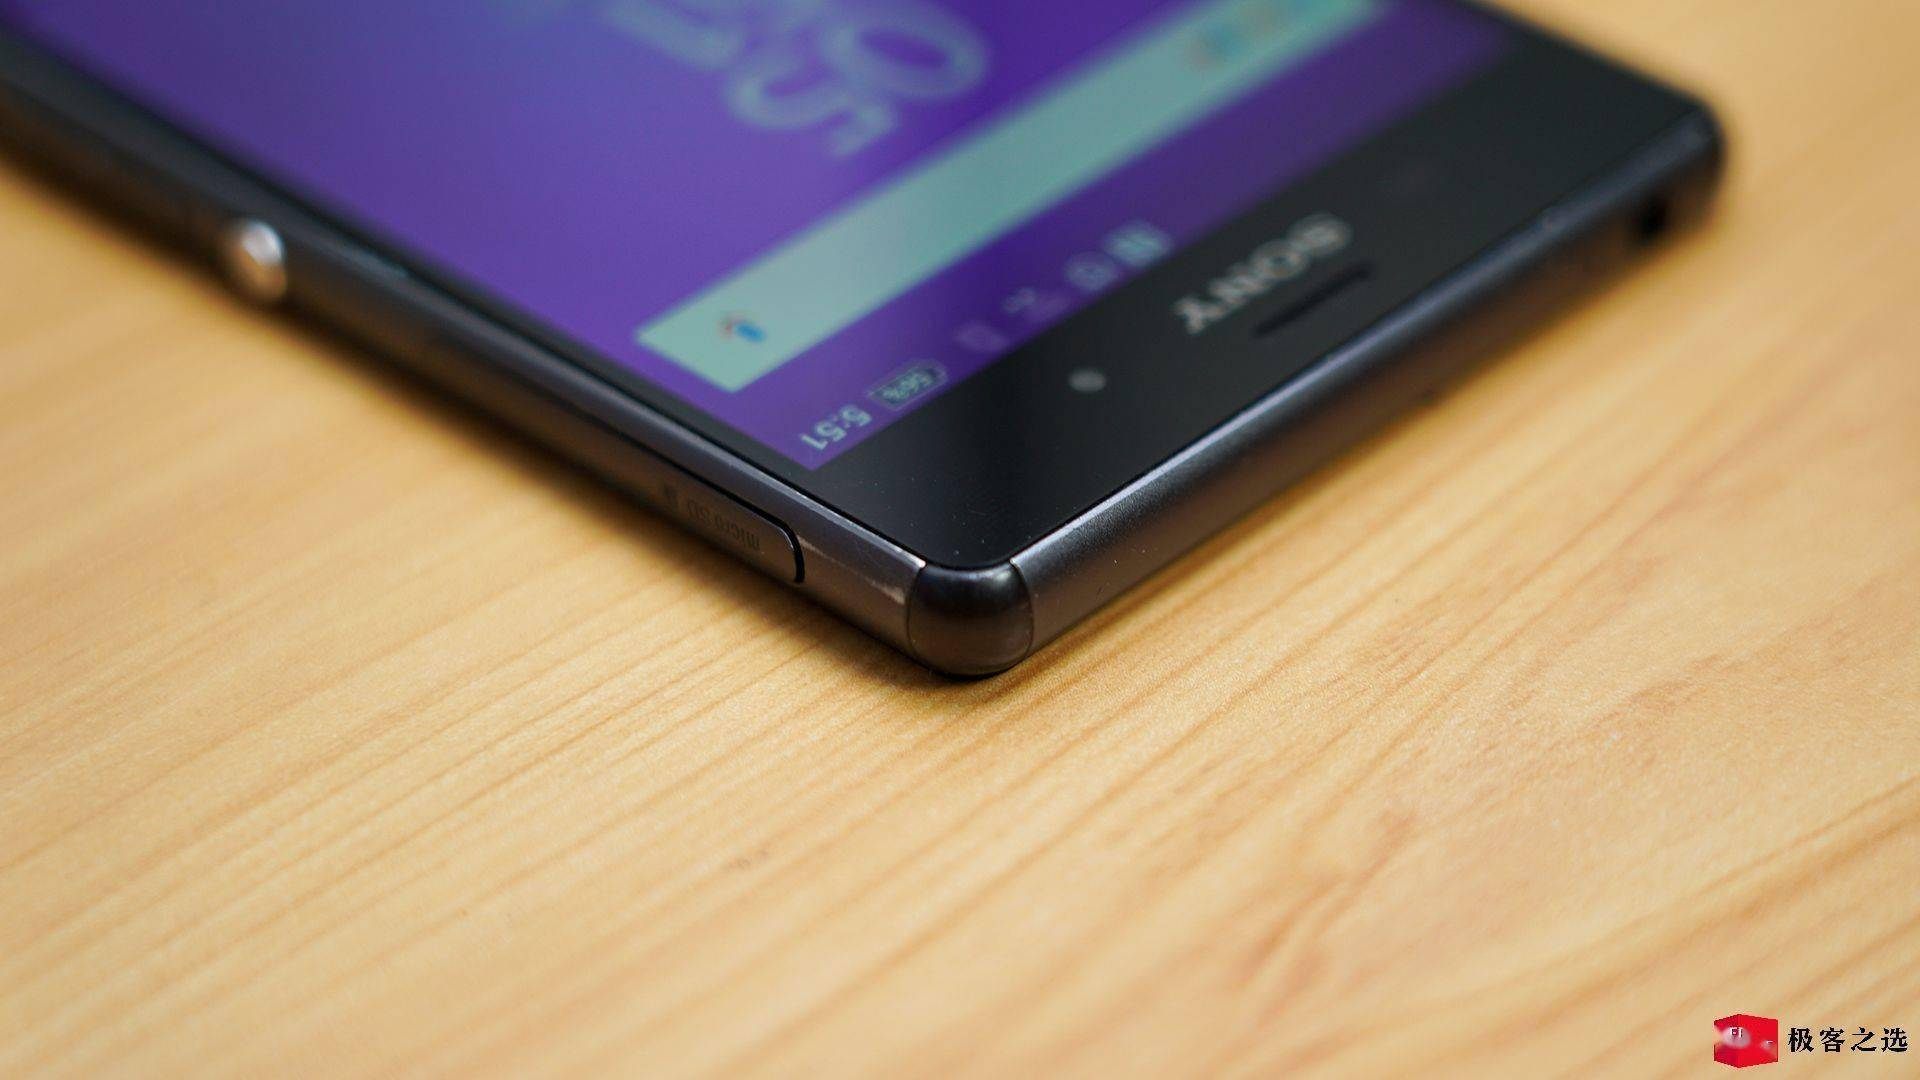 这款 Xperia 手机集索尼之大成,还能和 PS4 多屏协同丨极客博物馆